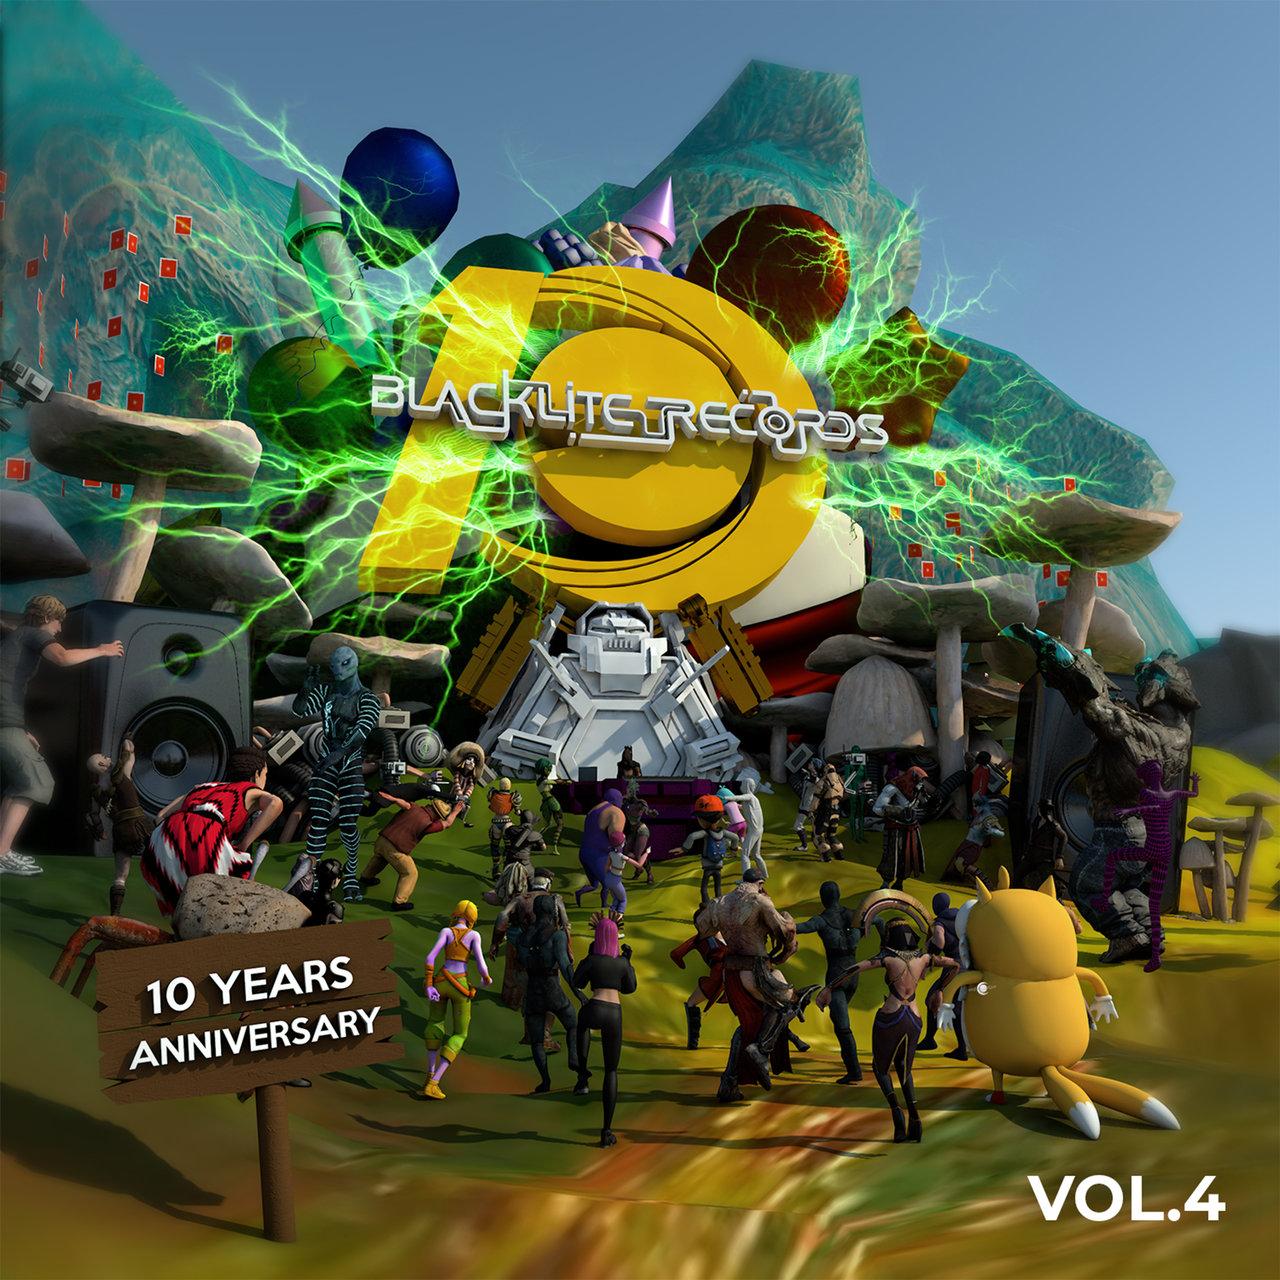 10 Years Anniversary Vol°4